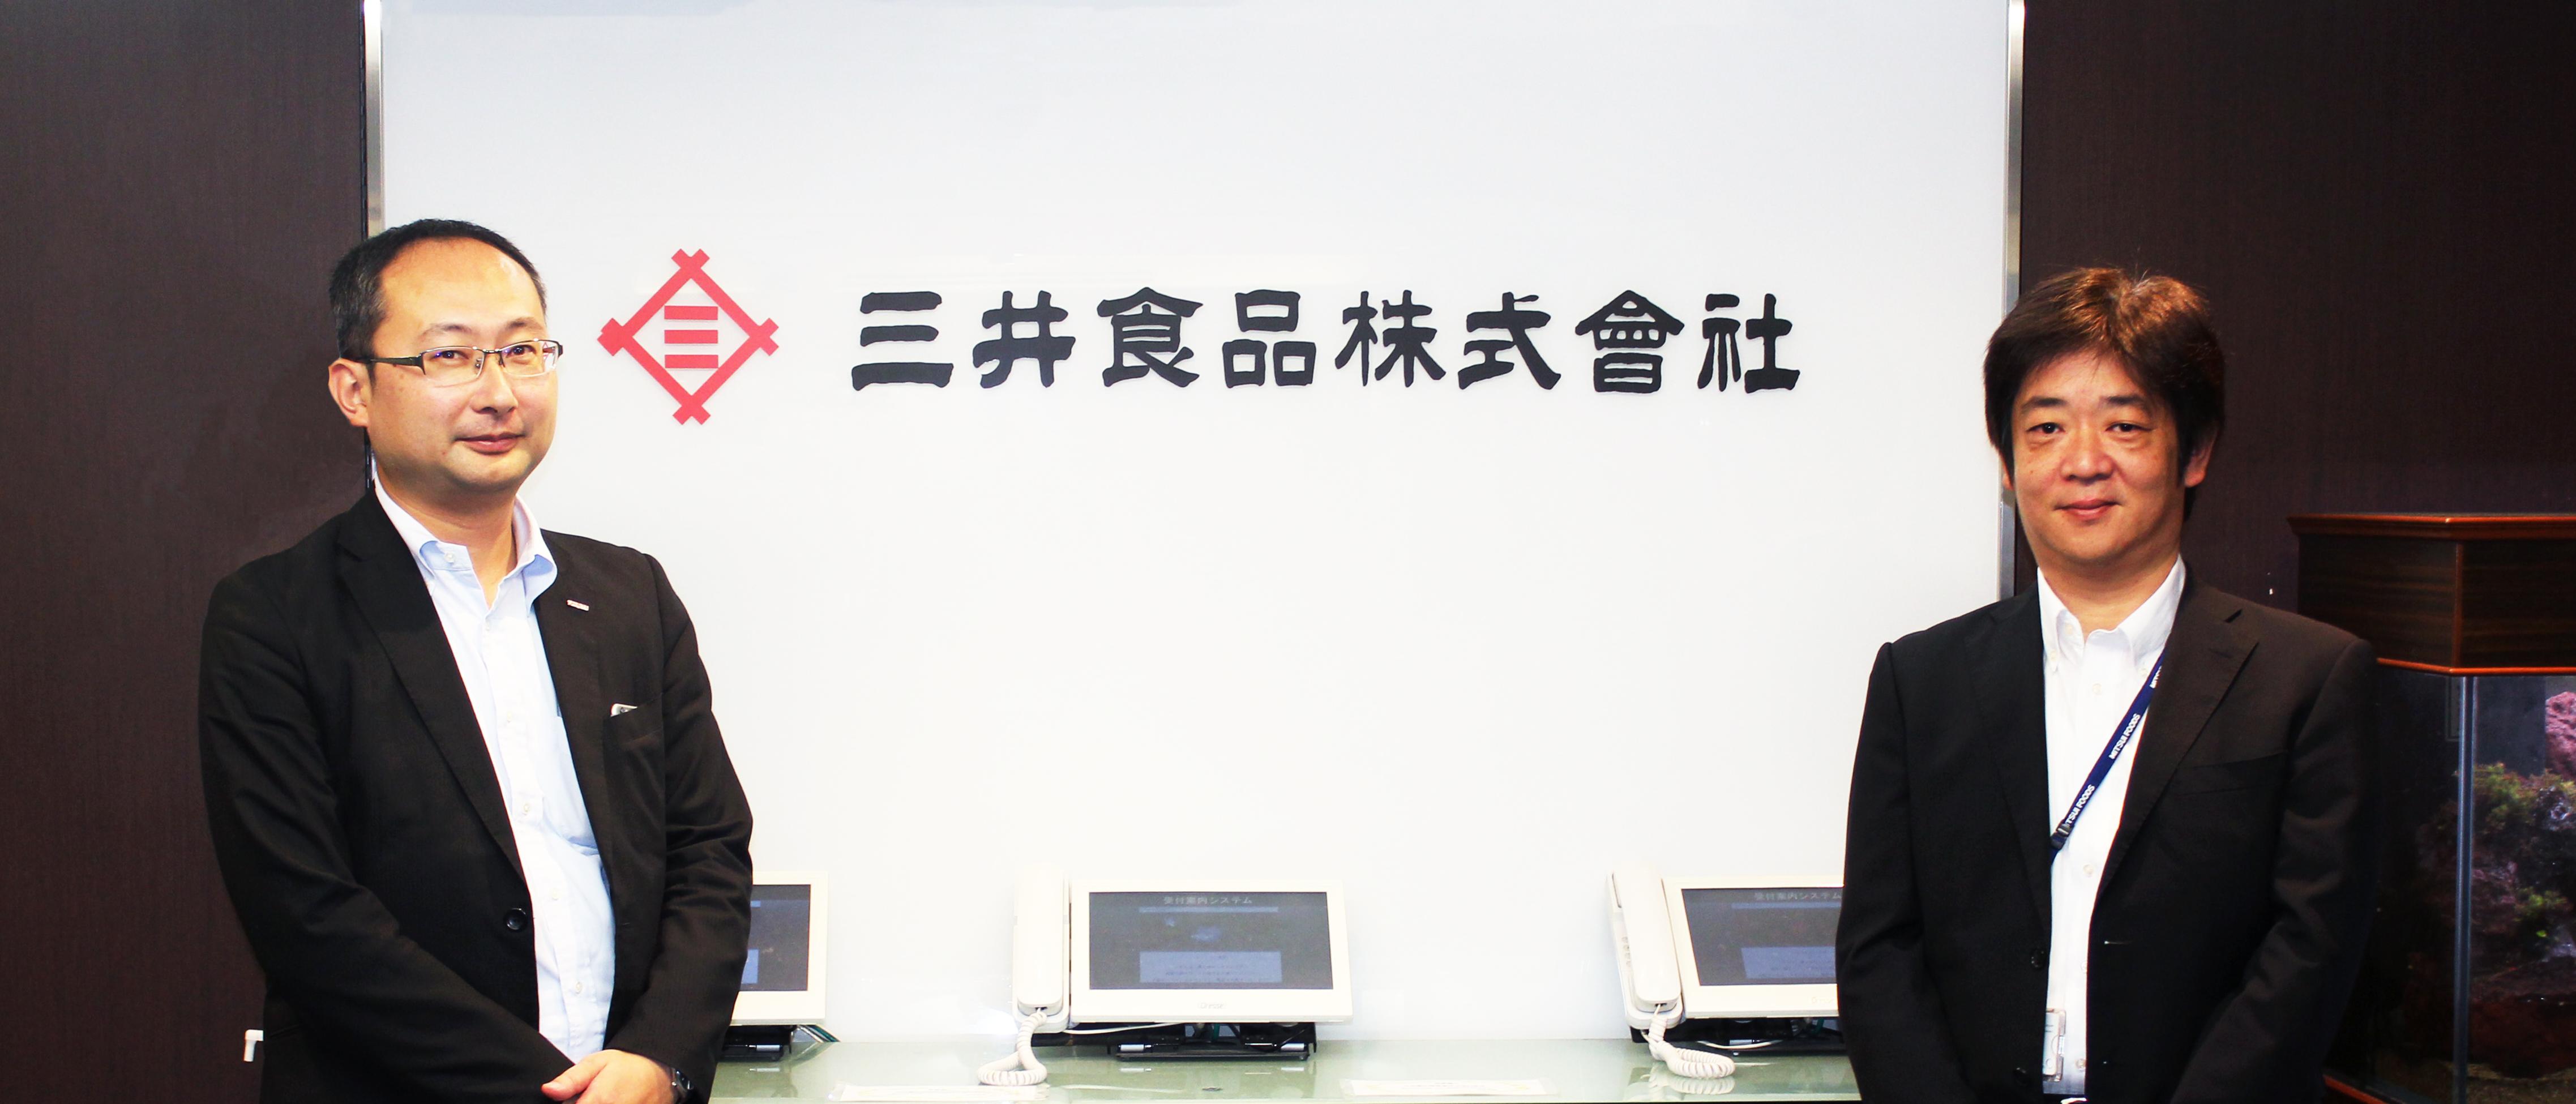 創業100年を超える教科書出版最大手の基幹系業務システムを支えるジョブ管理ツール「A-AUTO」|東京書籍株式会社様